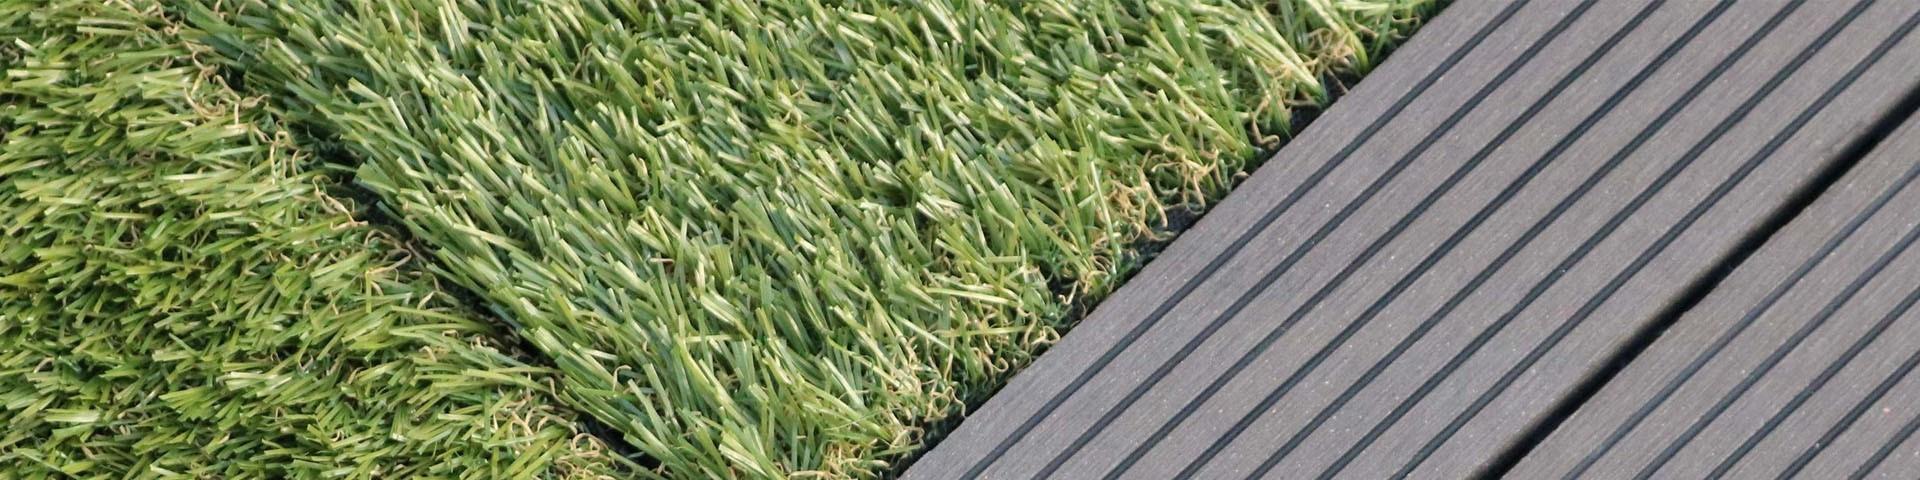 Achat de bordures de jardin en PVC gris rigide solide et imperméable